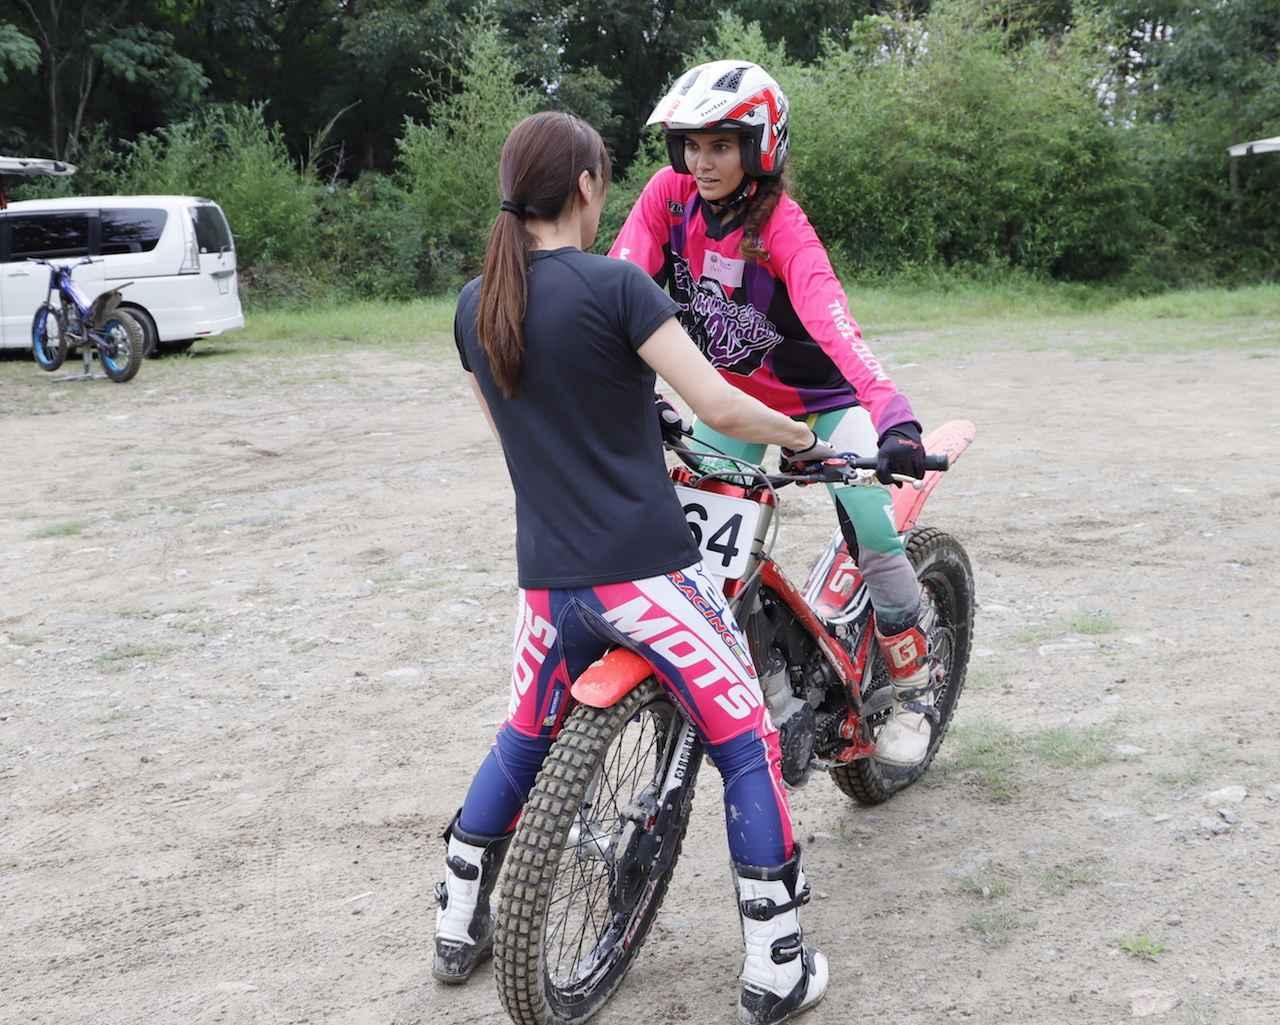 画像6: 初めてでも安心、チャンピオン西村亜弥による女性対象のトライアルレッスン